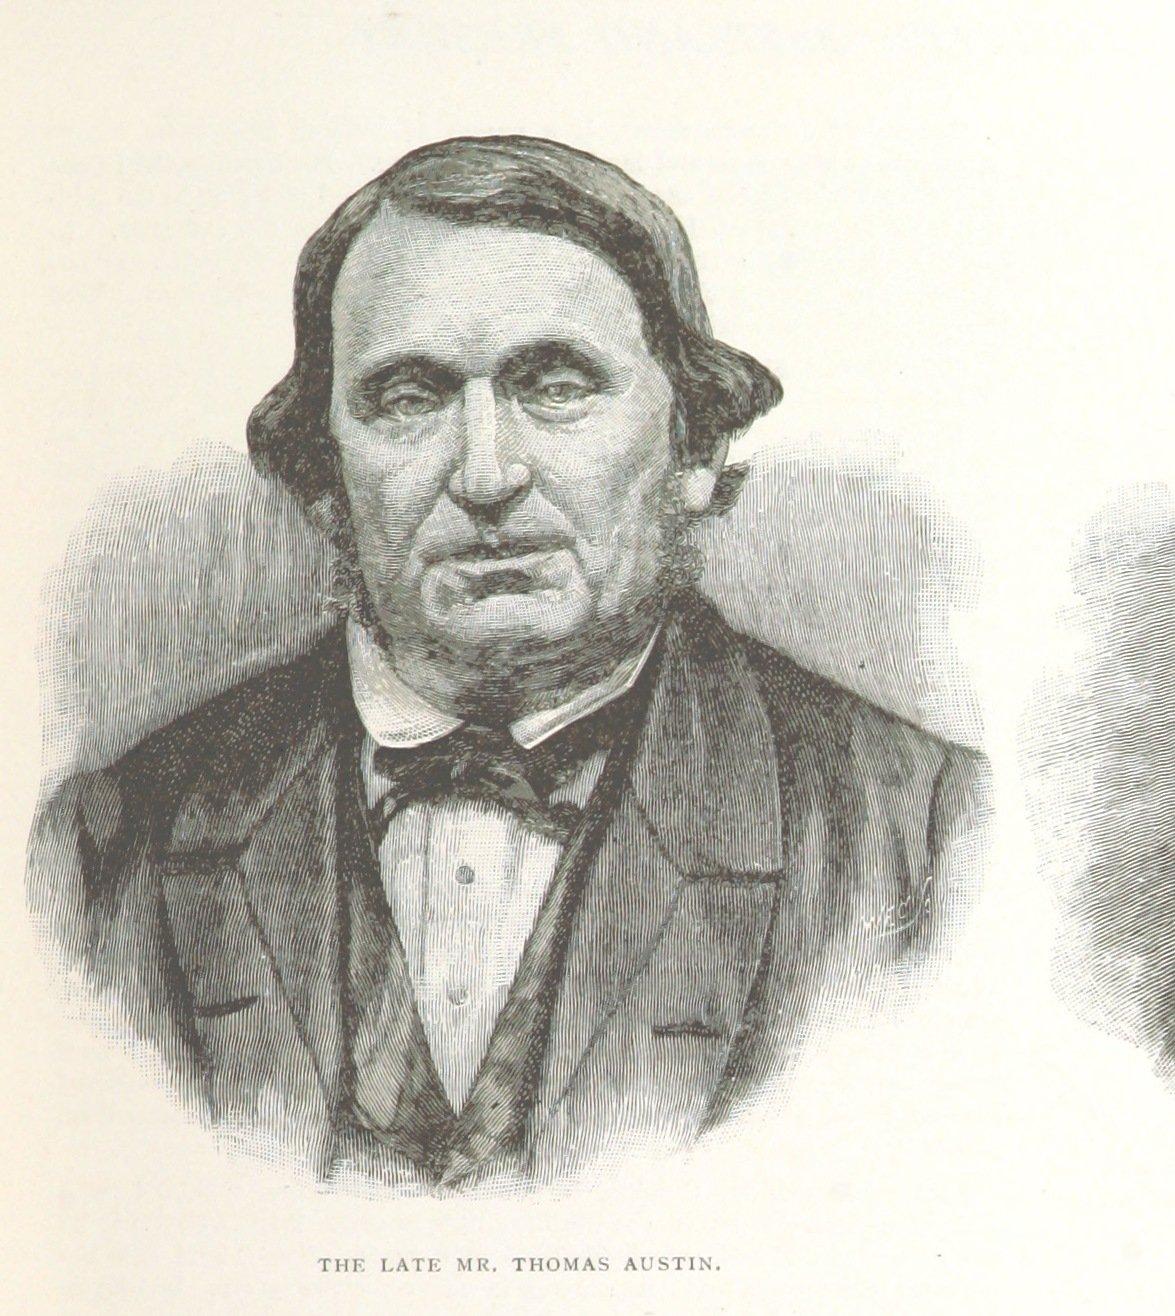 Thomas Austin